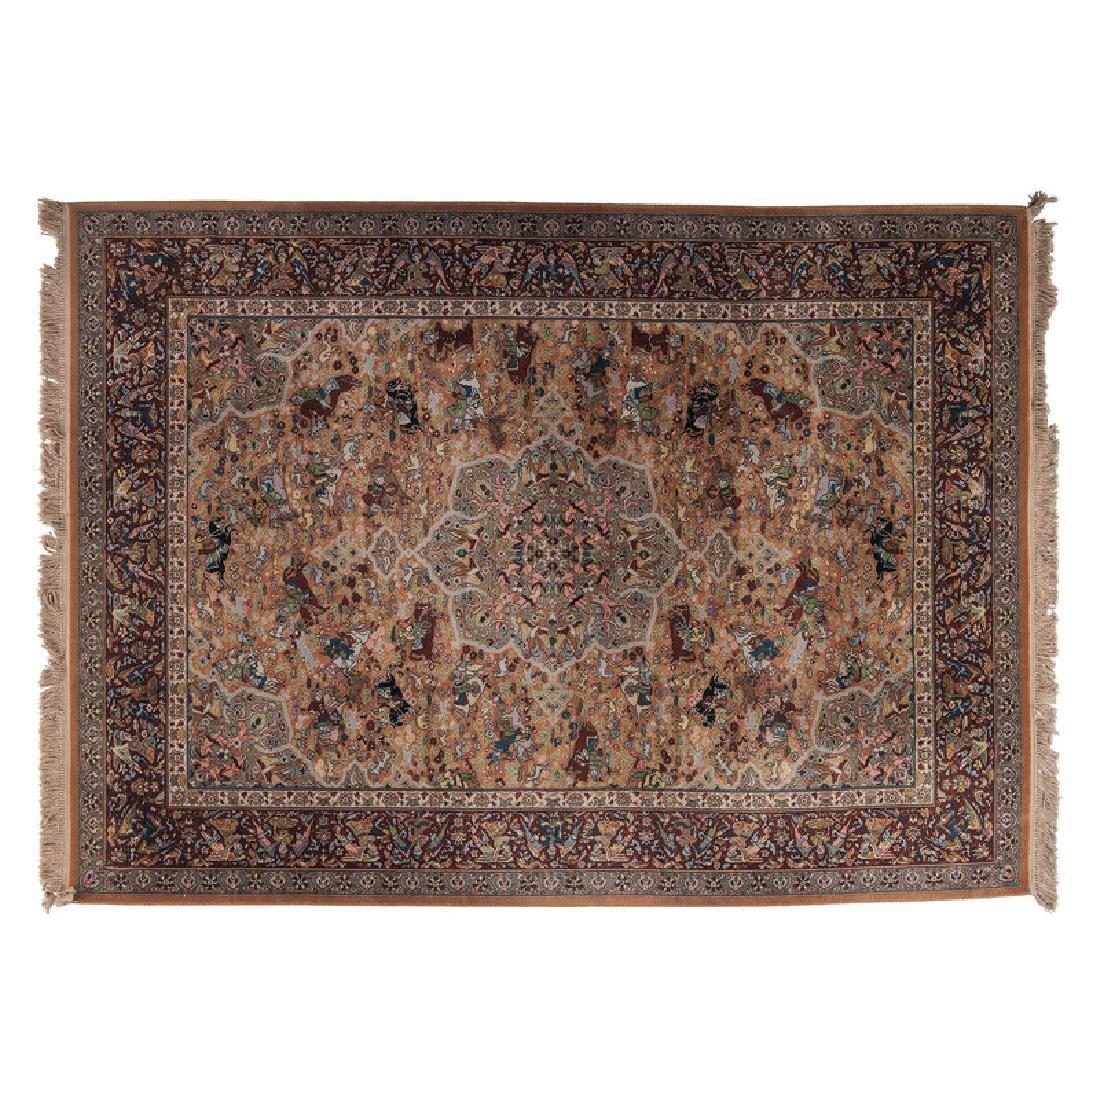 Karastan-style Rug